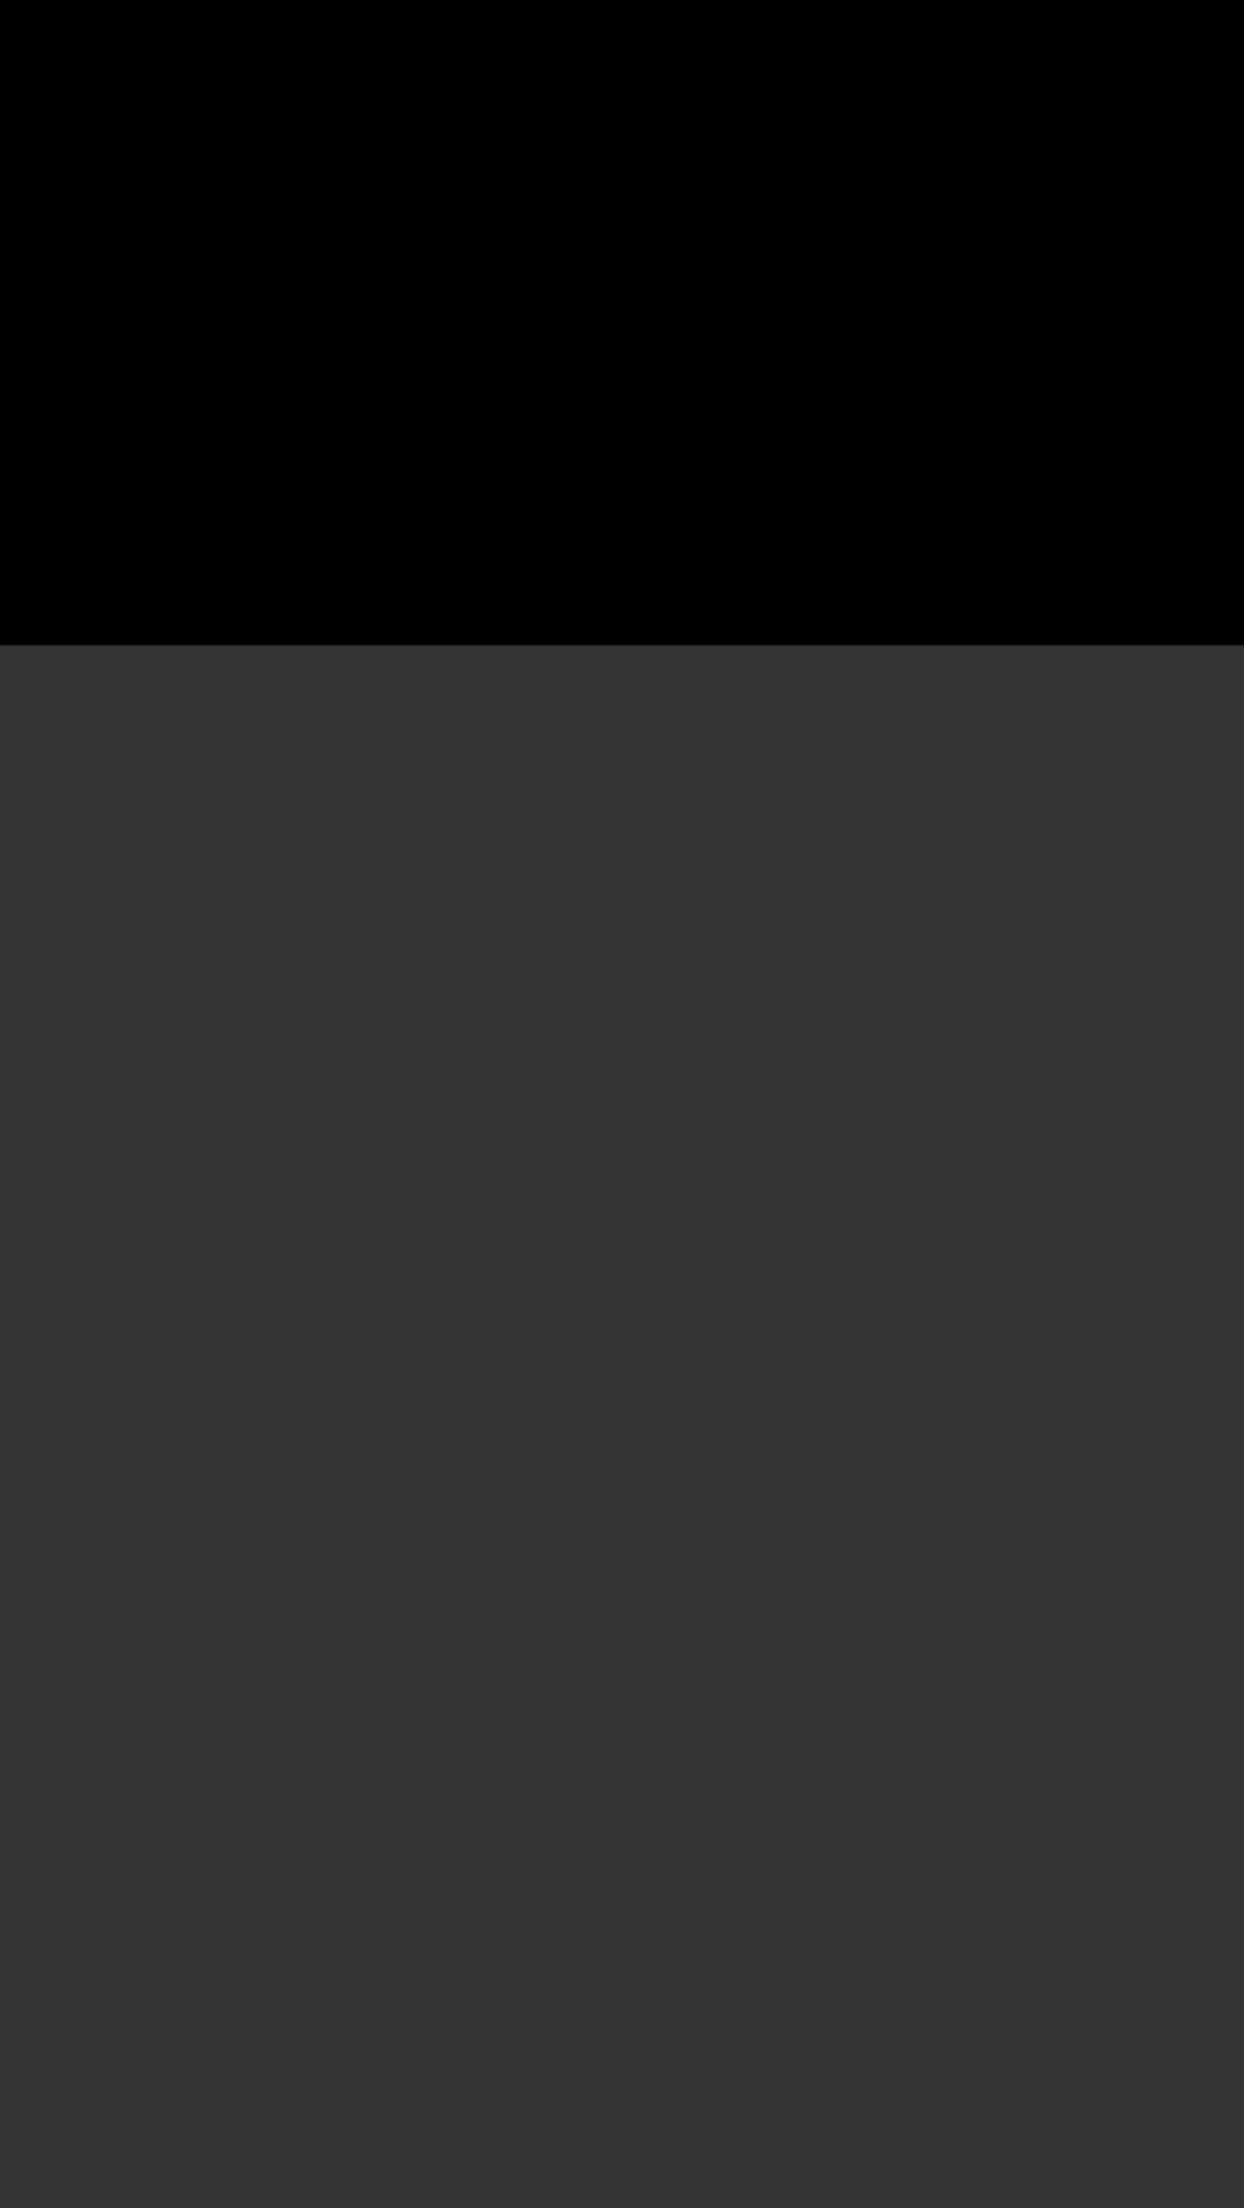 Black Gray Minimal Iphone 6 Plus Wallpaper Wallpaper For Iphone